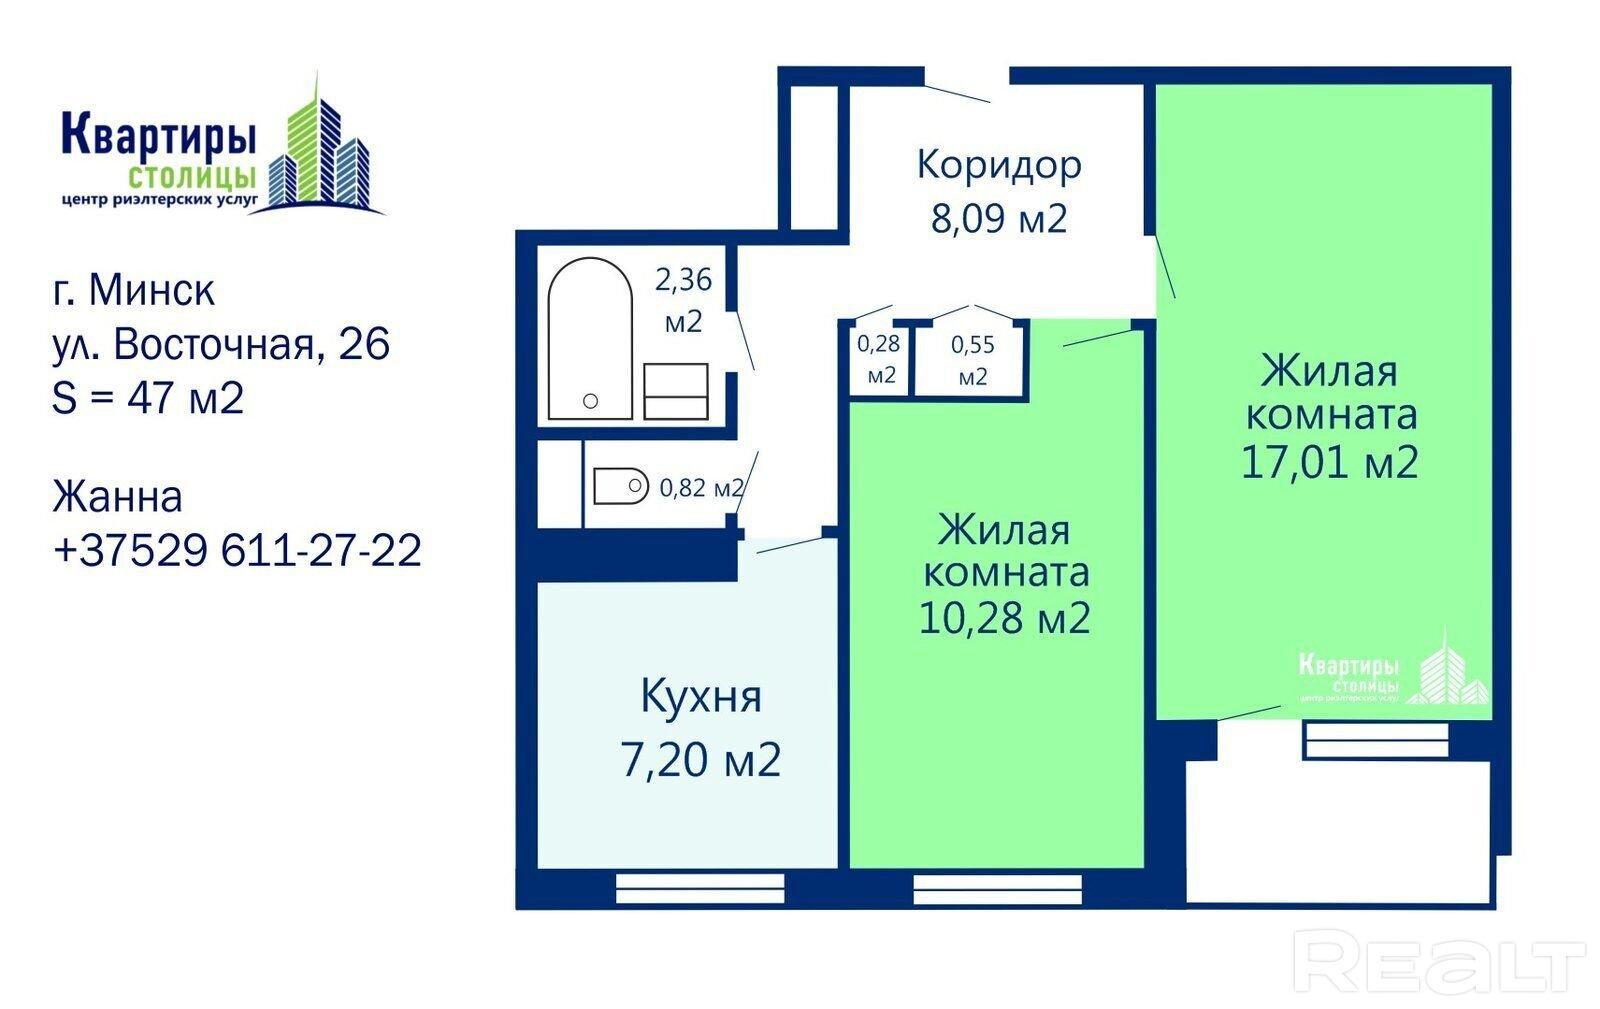 Продажа 2-х комнатной квартиры в г. Минске, ул. Восточная, дом 26 (р-н Я.Коласа-Рига, Некрасова, Восточная). Цена 193 645 руб